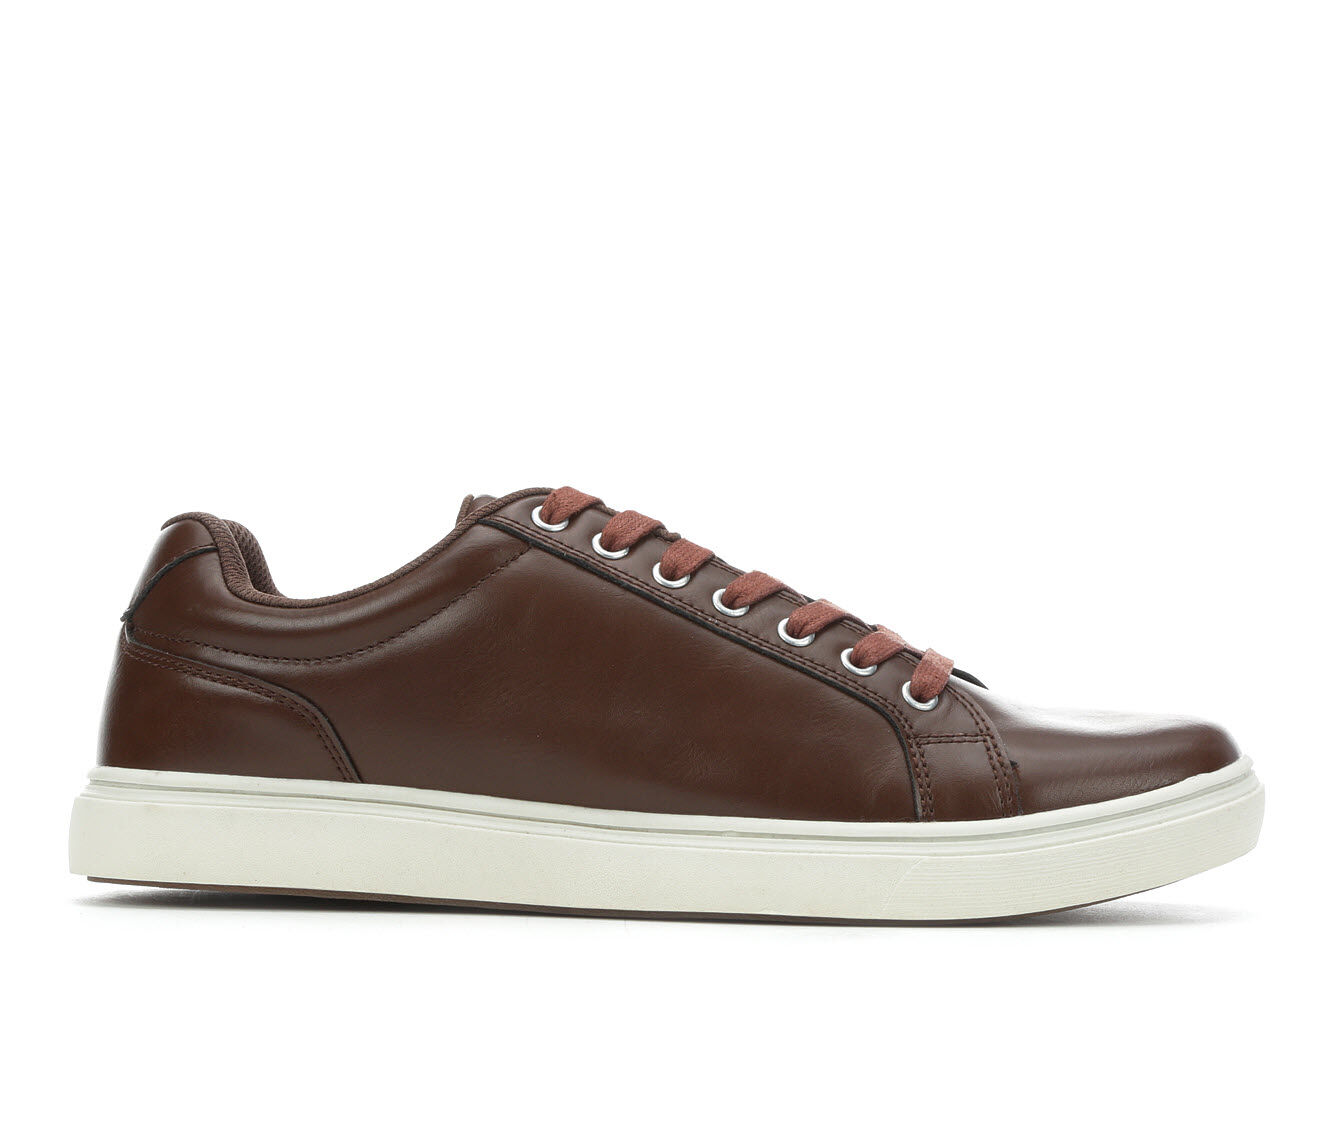 Men's Perry Ellis Ventura Casual Shoes